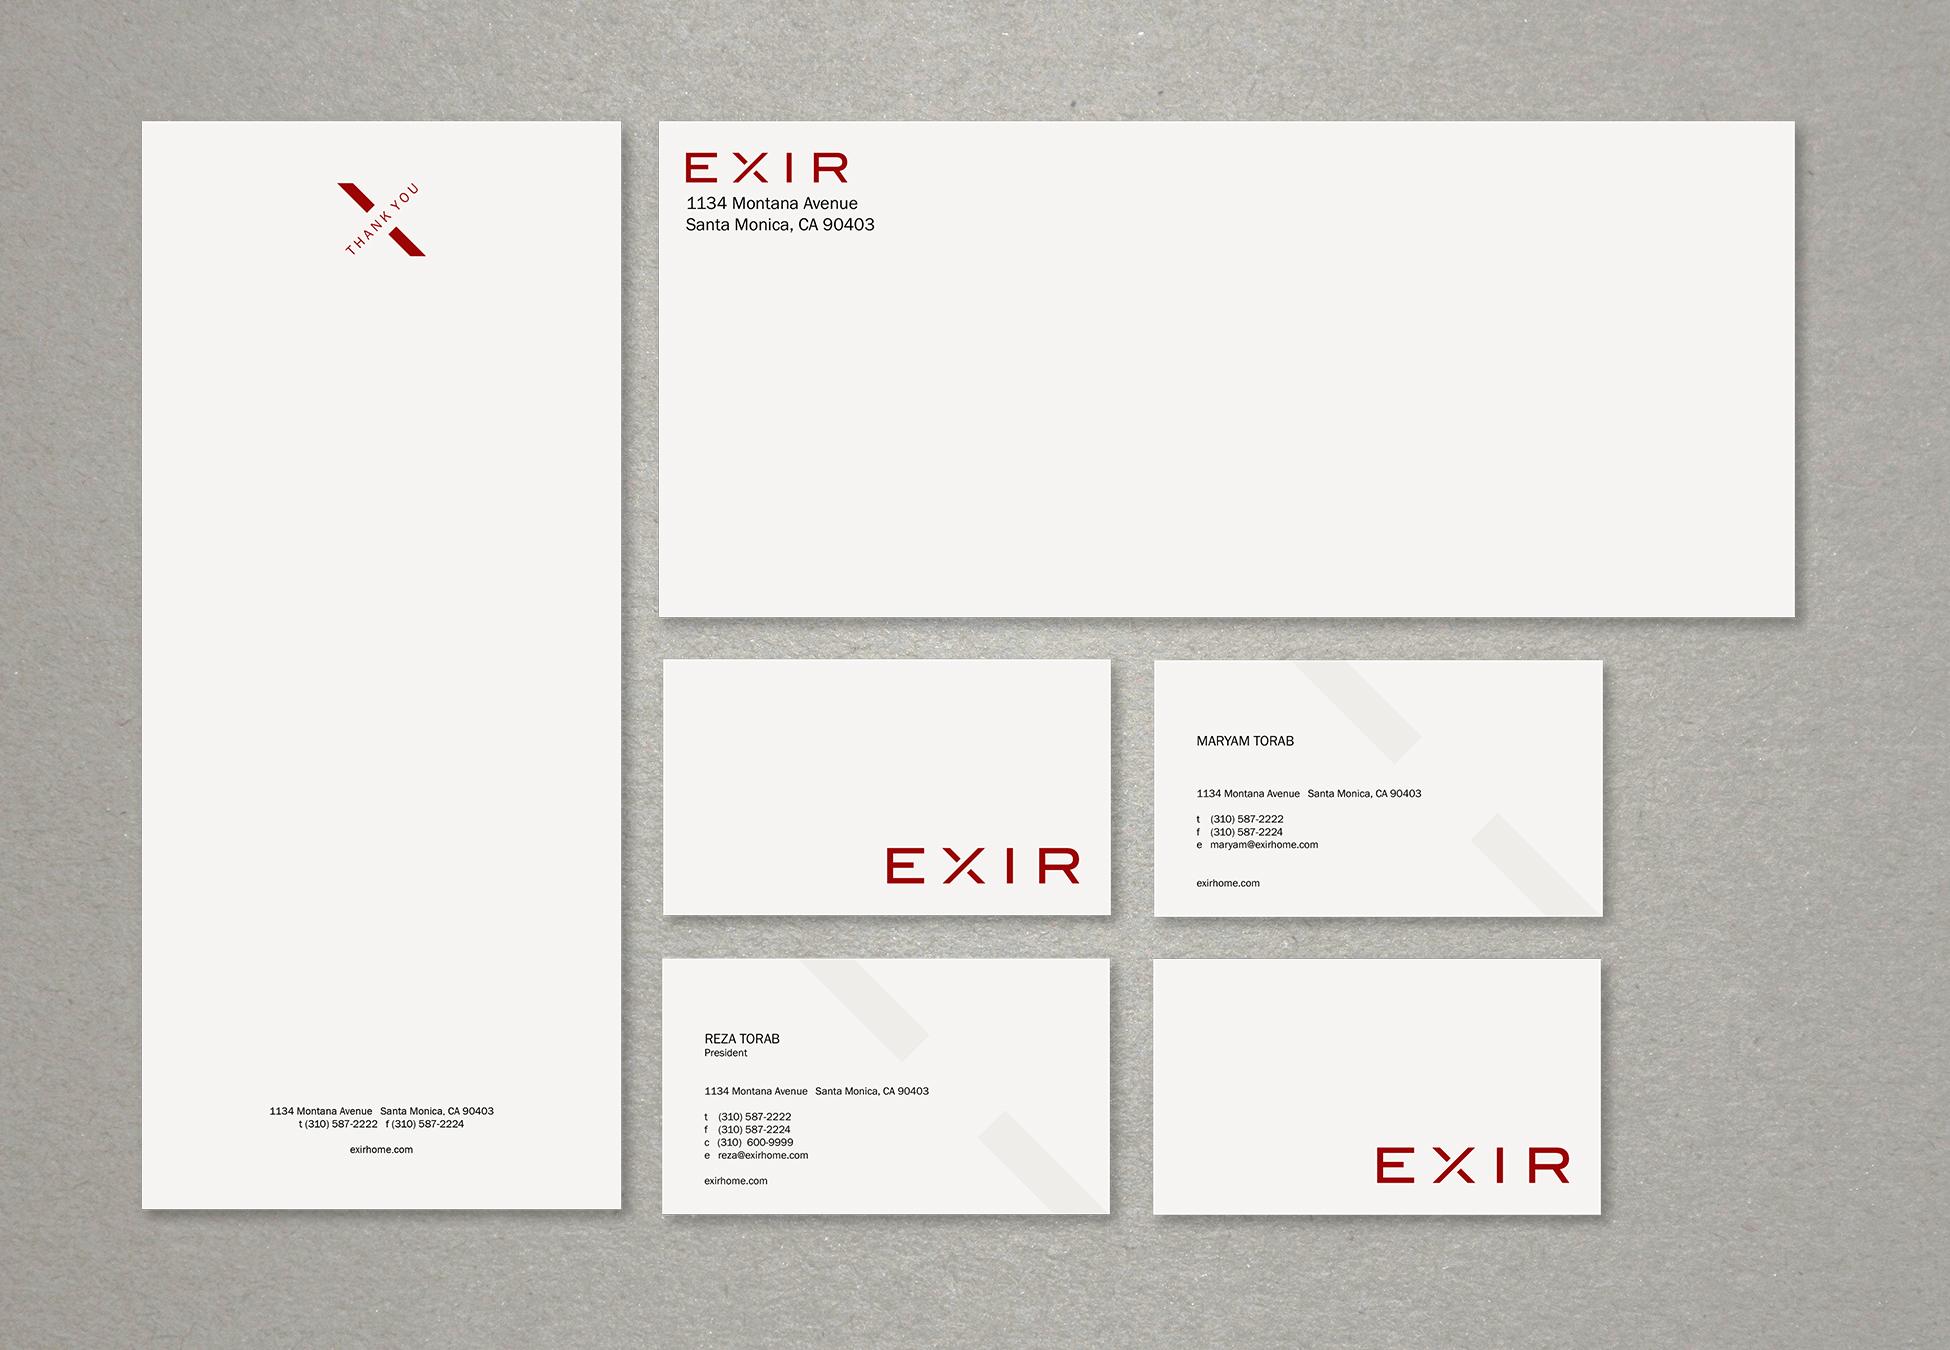 Exir Branding